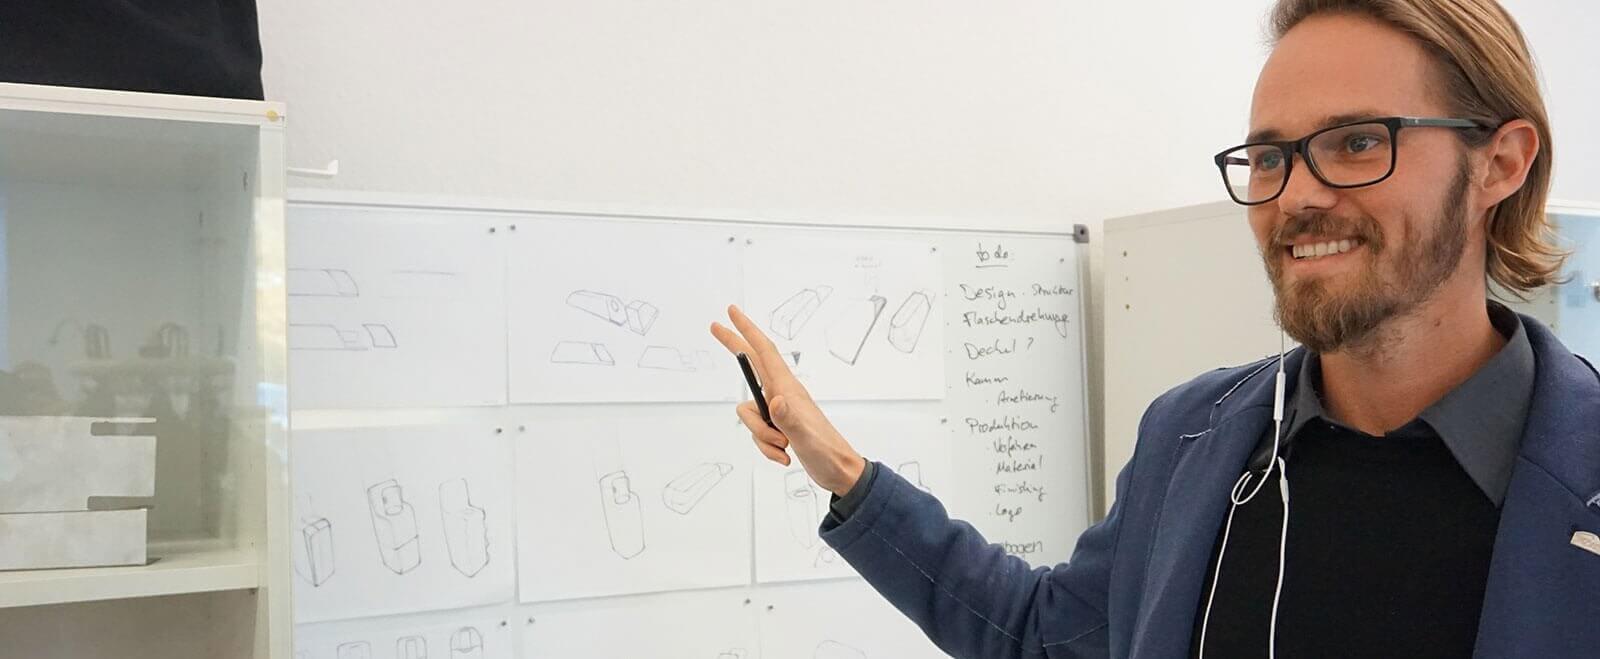 Florian Meise, Geschäftsführer manugoo